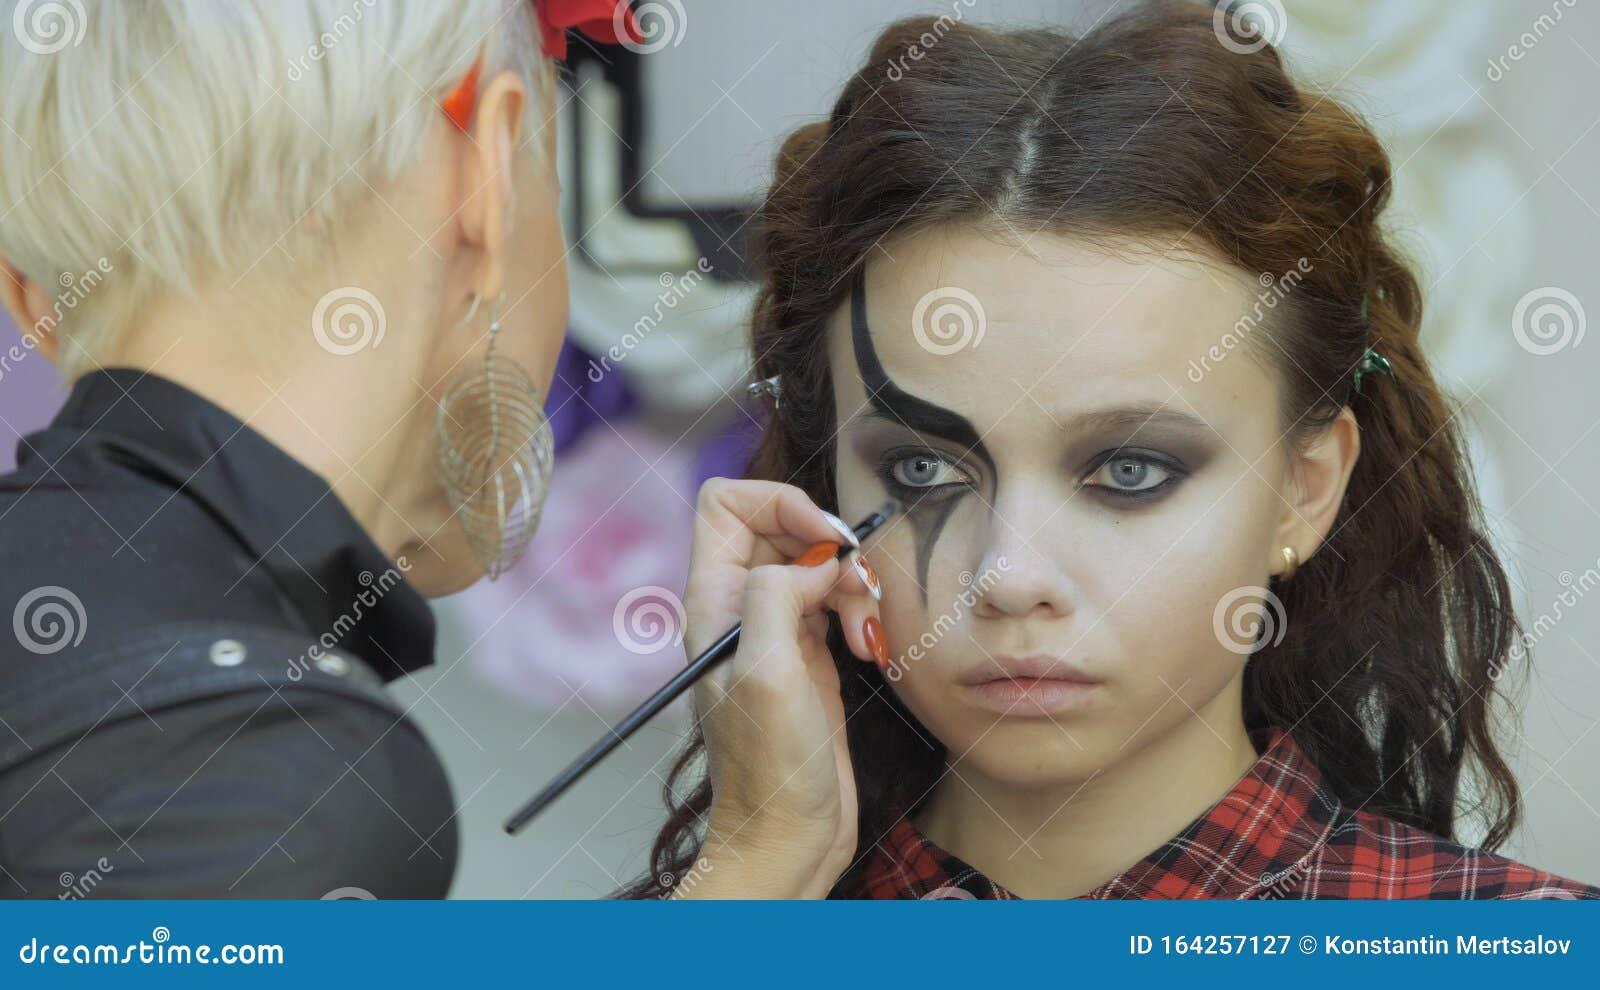 Девушка модель работа в салоне как правильно измерить талию